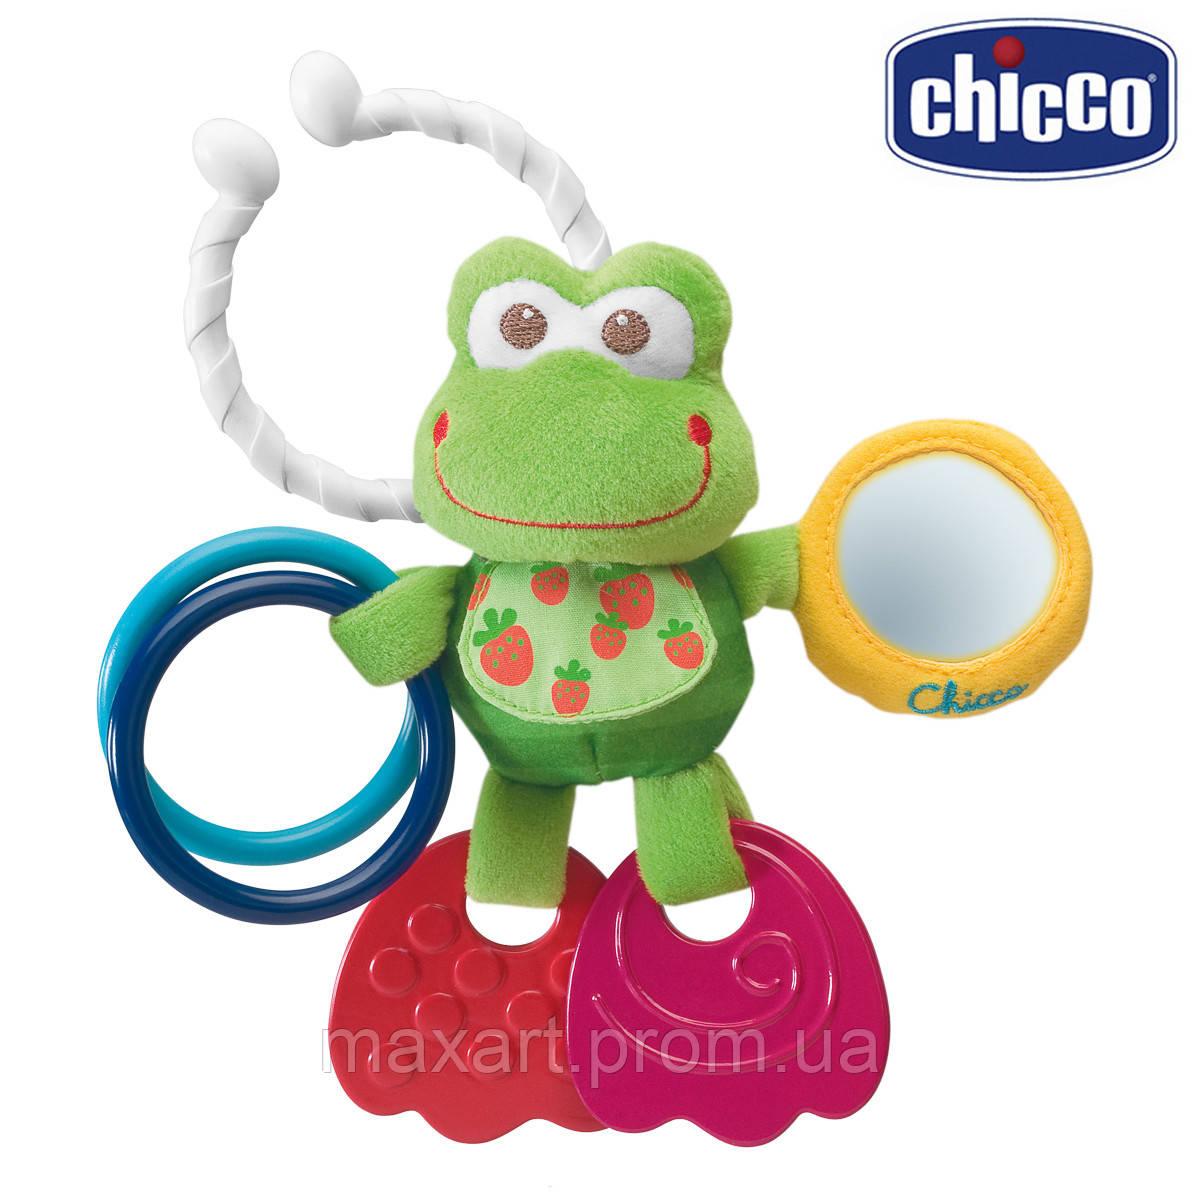 Погремушка плюшевая Chicco - Жабка (00906.00)